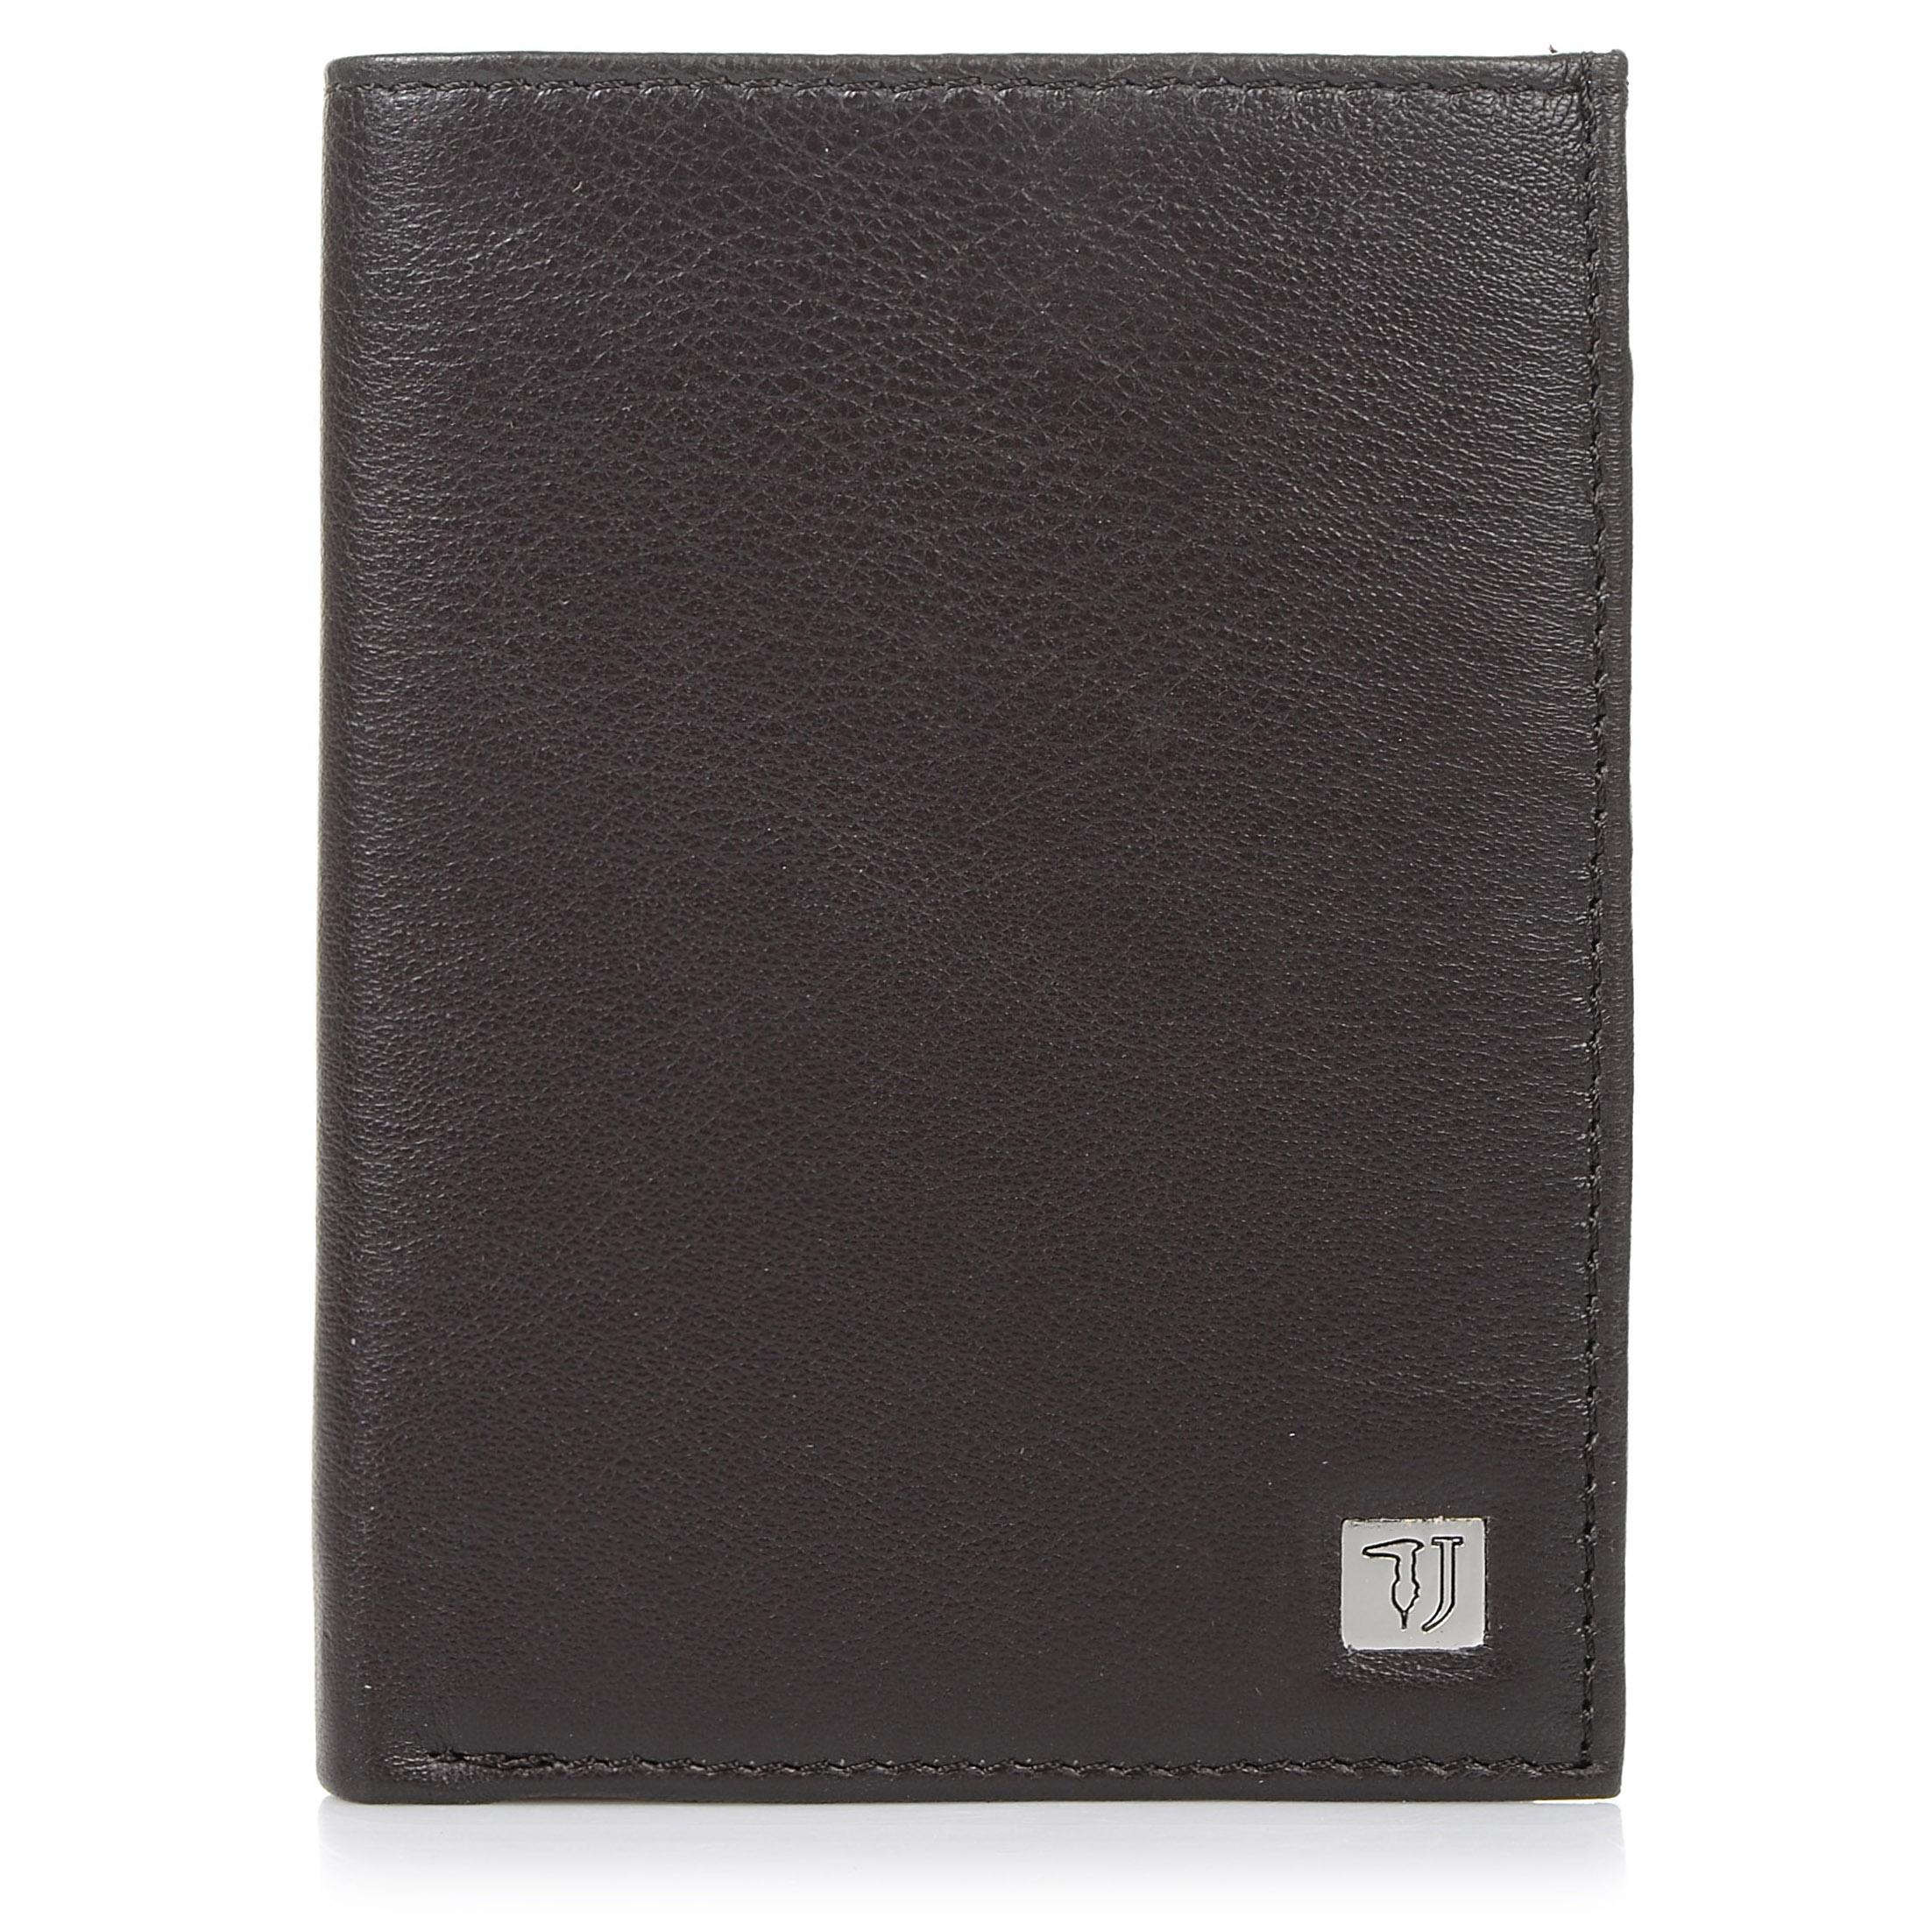 Δερμάτινο Πορτοφόλι Trussardi Jeans Wallet Vertical Coin Pocket Smooth 71W00002 ανδρας   ανδρικό πορτοφόλι